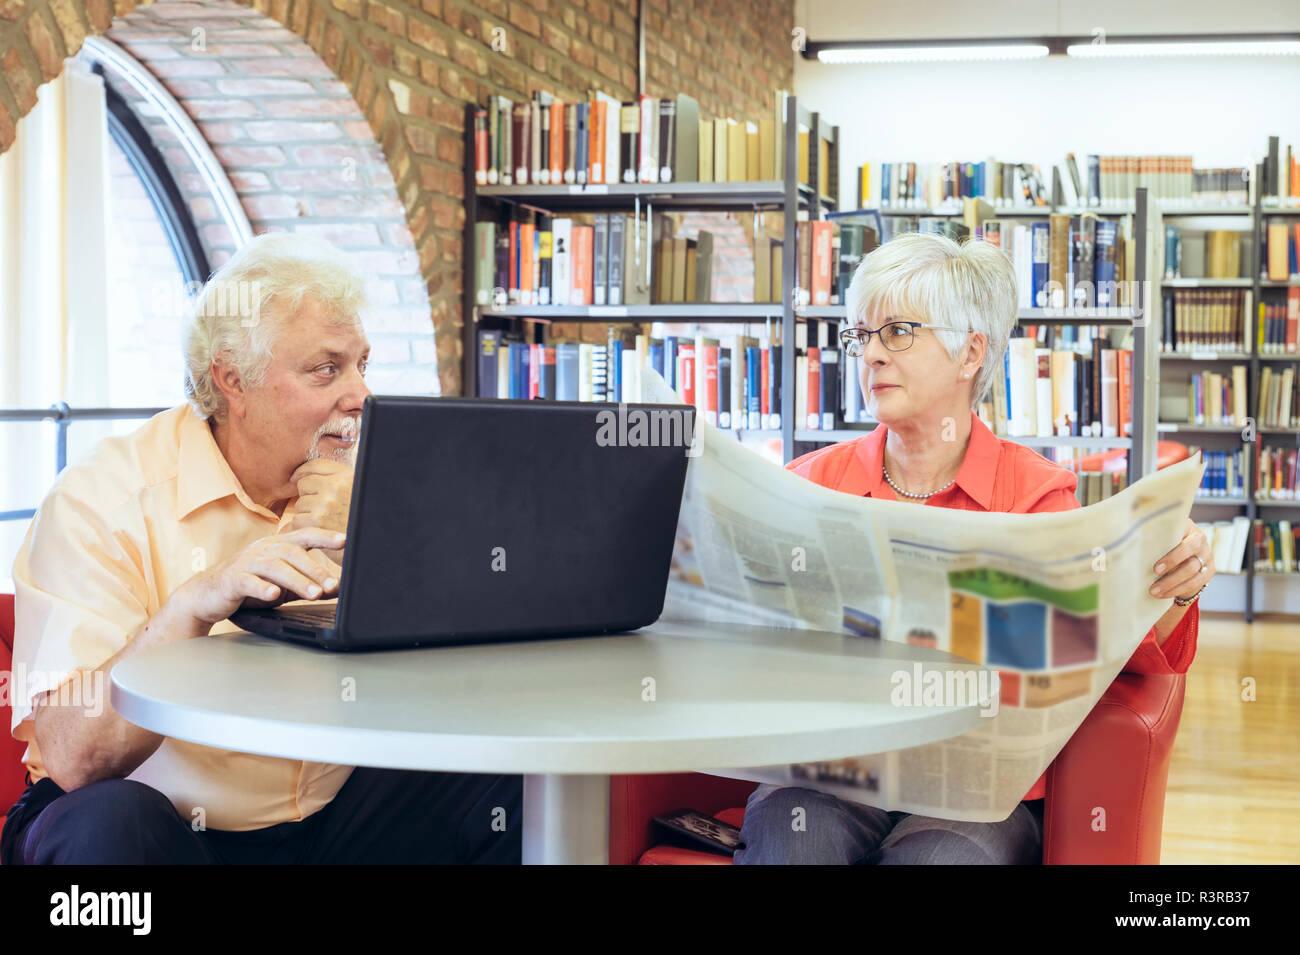 Ein Seniorenpaar sitzen in einer Bücherei und kommunizieren über digitale Medien. Grevenbroich, Nordrhein-Westfalen, Deutschland Immagini Stock